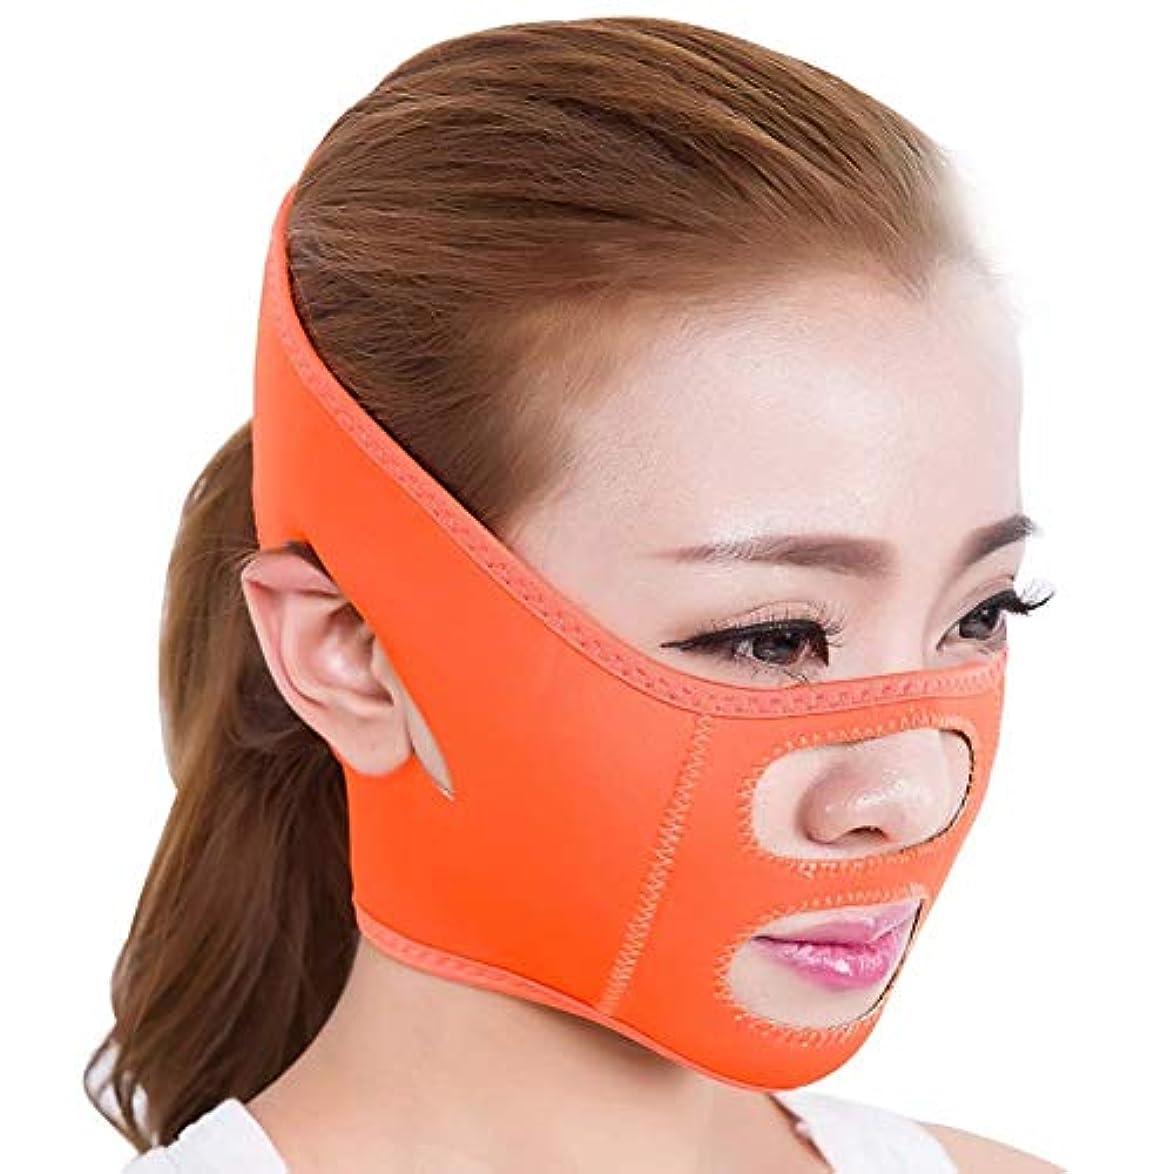 ショートティーム節約するフェイススリミングマスク、スリムリフトタイトスキンバンデージダブルチンスリミングベルトフォーコンパクトフェイシャルスキン